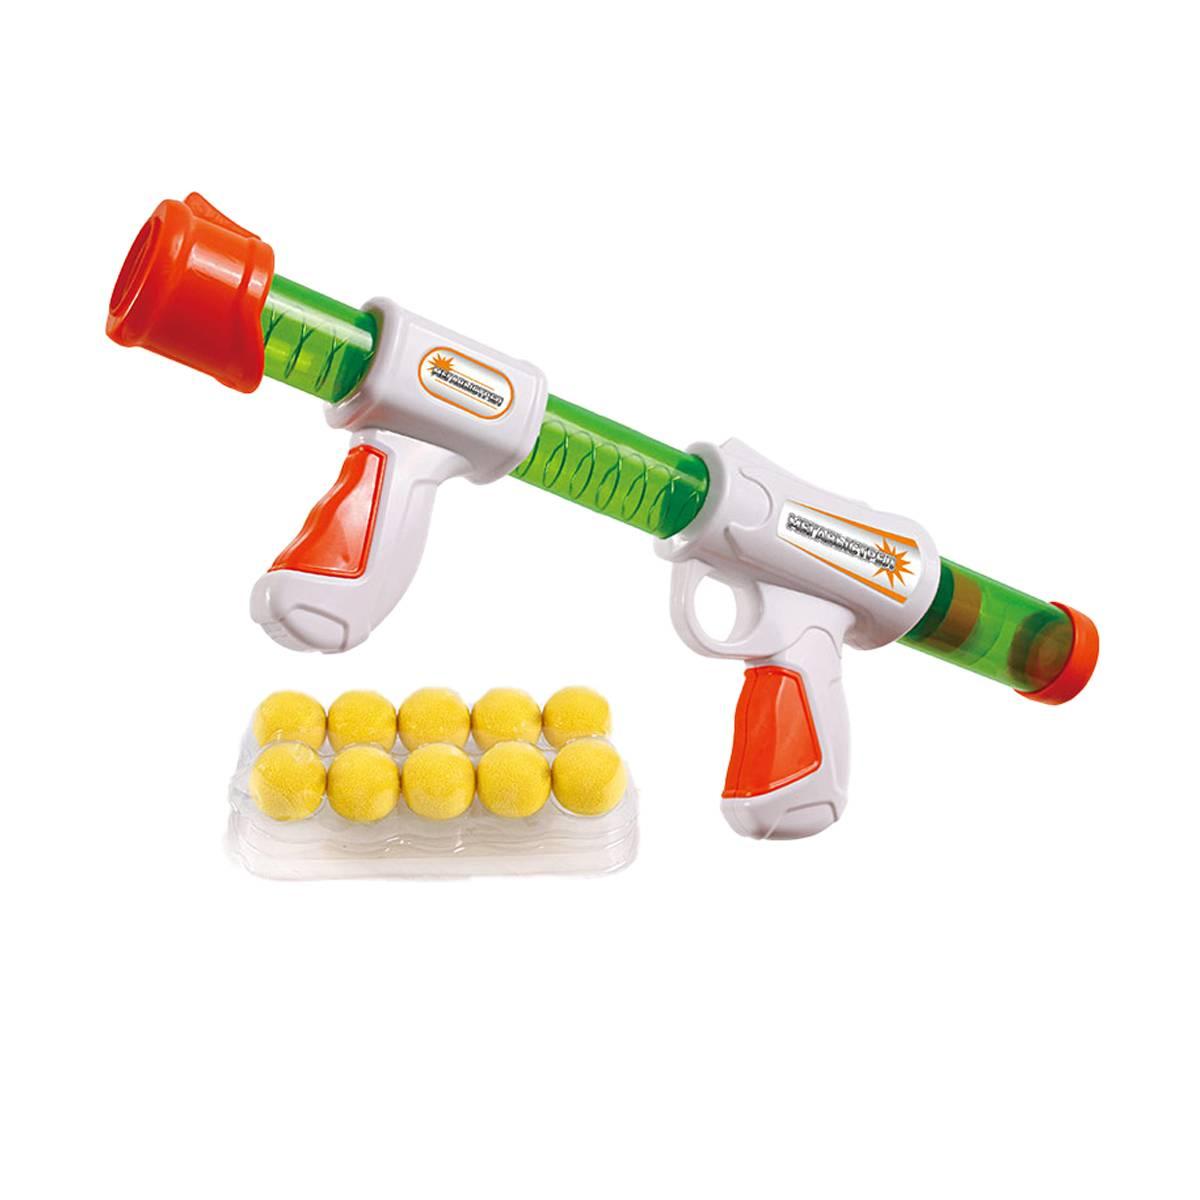 Купить Ружье игрушечное PLAYSMART Мегавыстрел 0159, Наборы игрушечного оружия